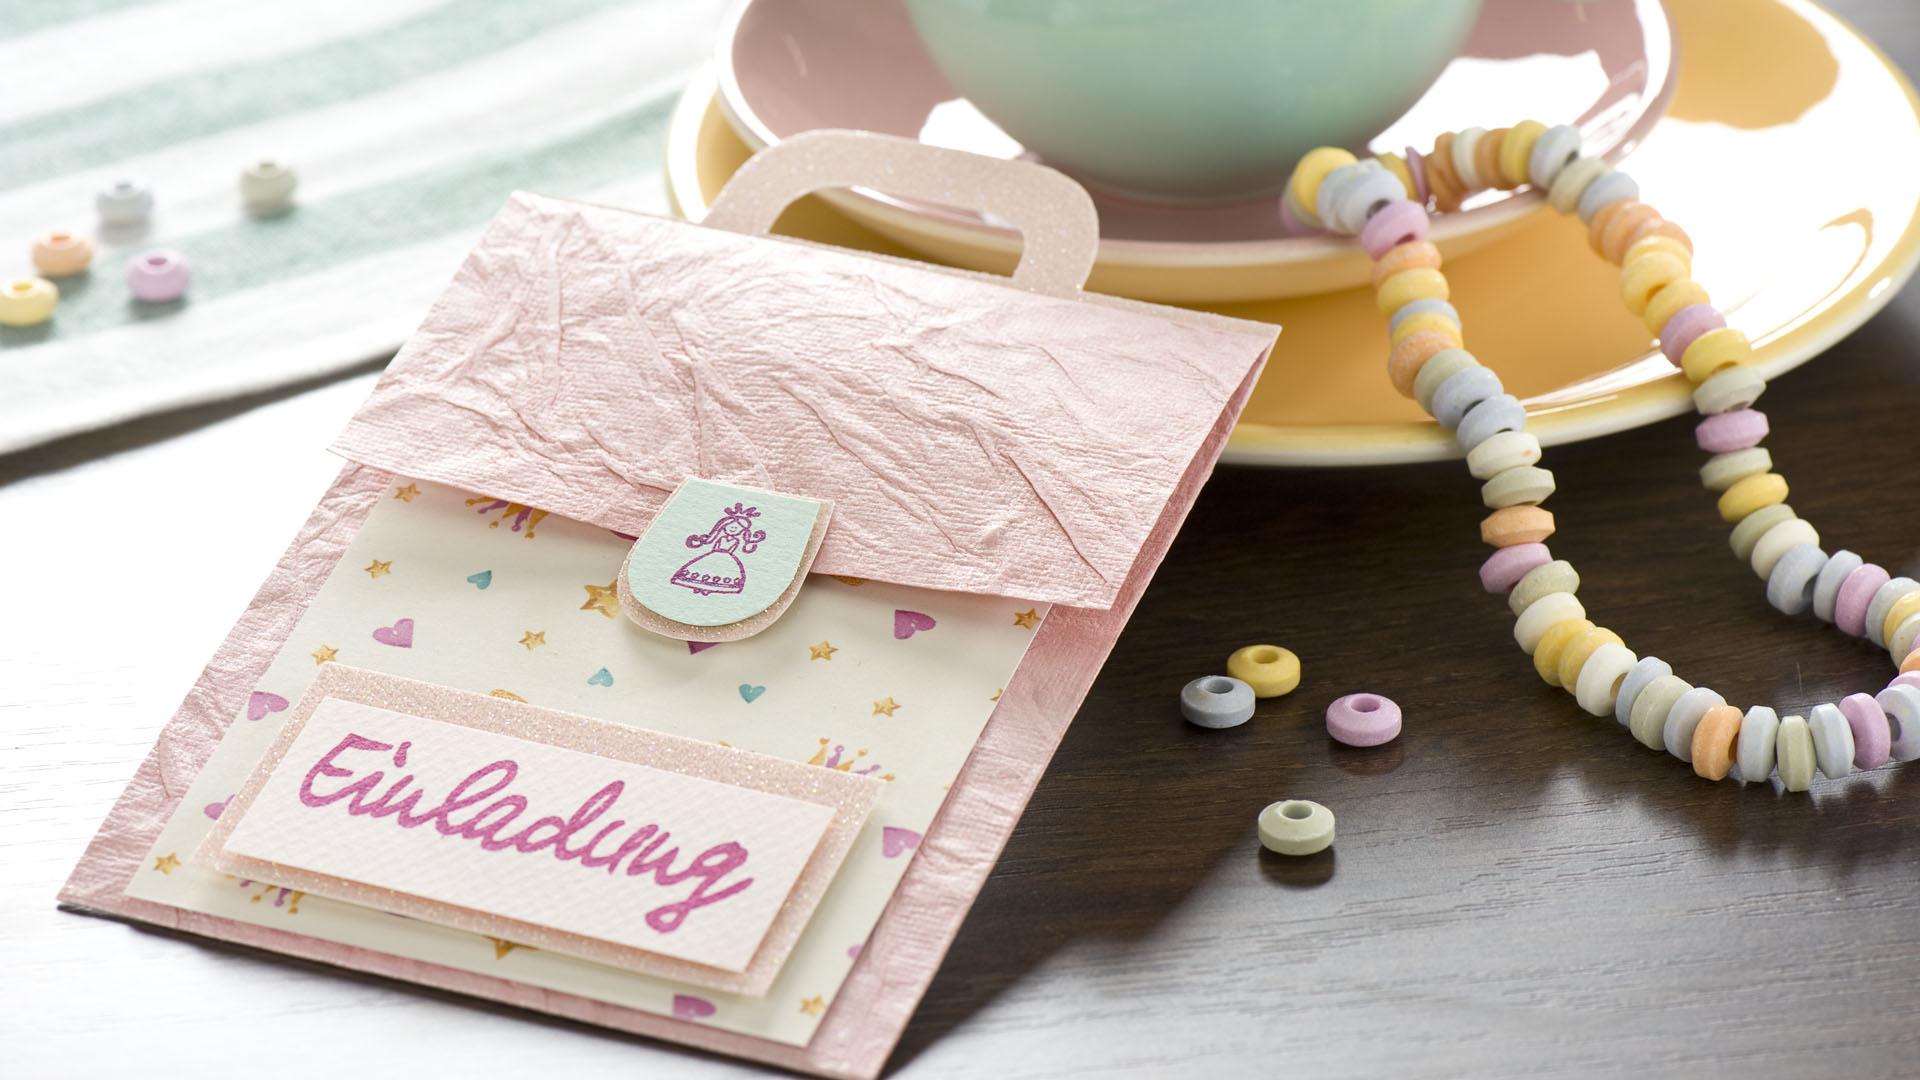 Ideen für den Schulanfang: Mädchentraum | Einladungskarte in Mädchenfarben in Form eines Schulranzens mit gestempelter Prinzessin und Schriftzug